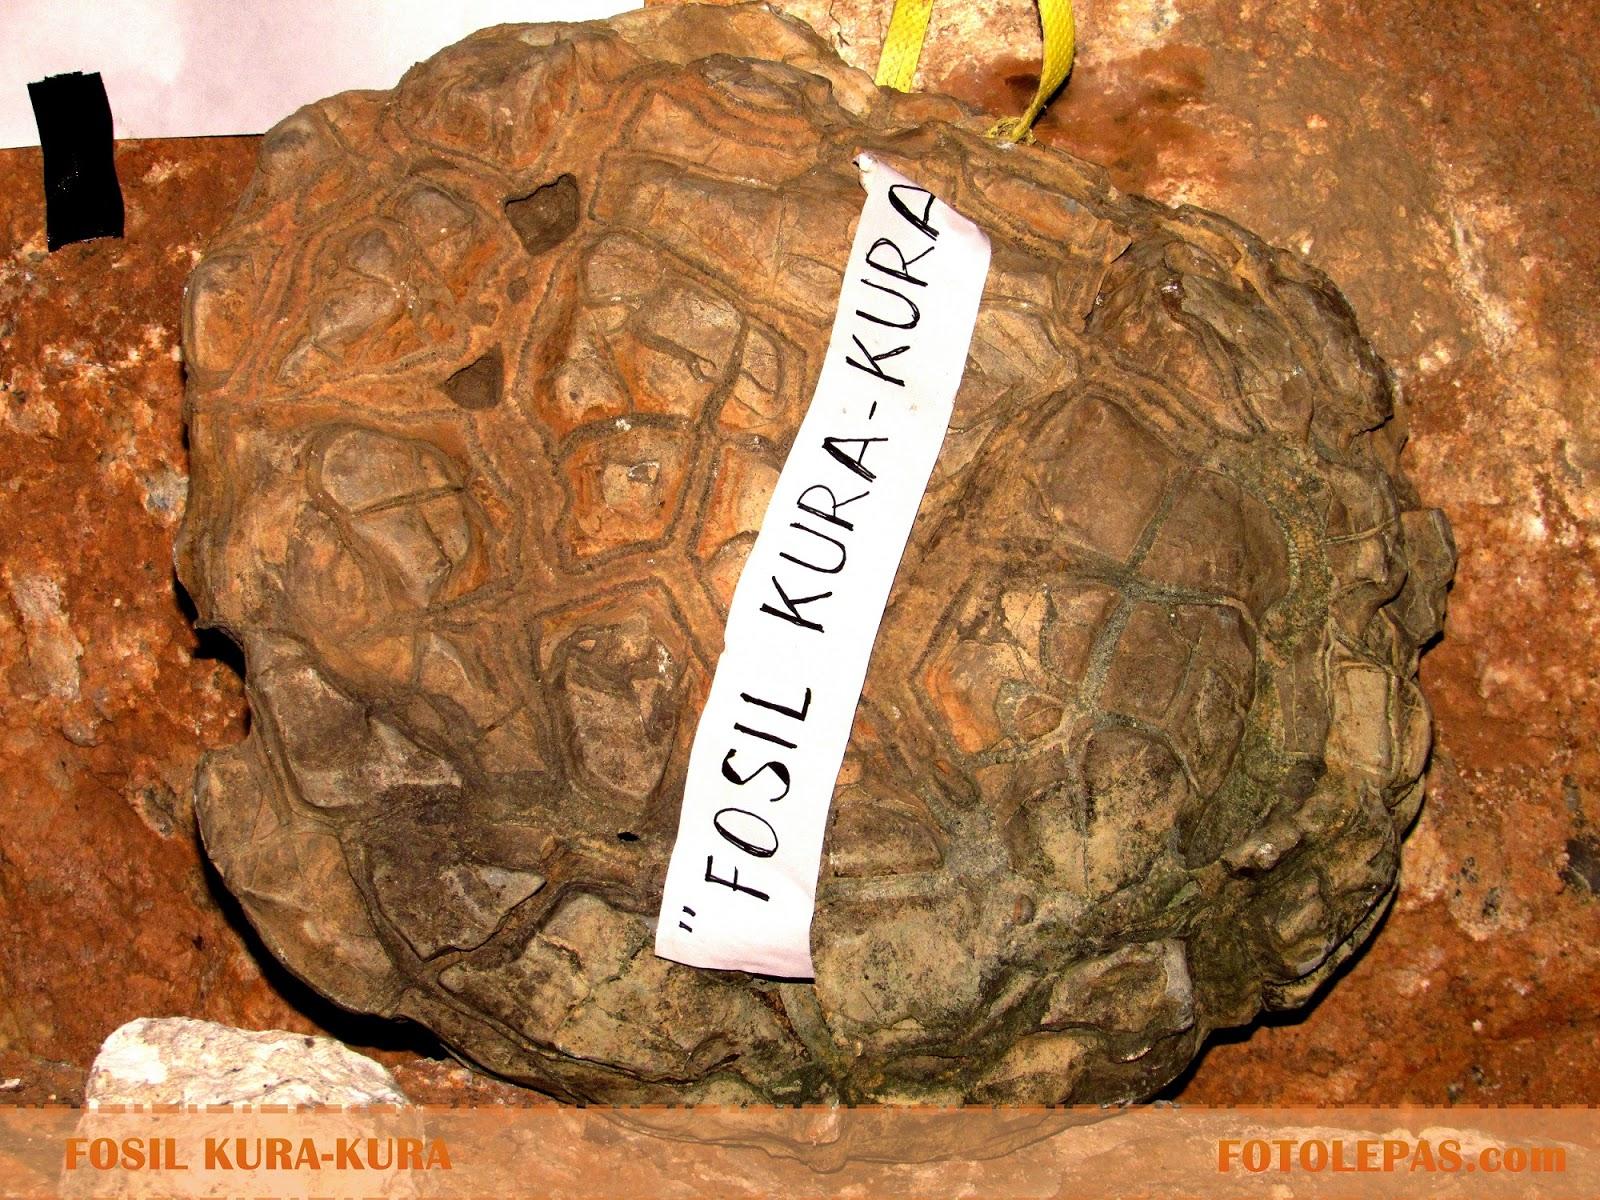 Batu Akik Fosil Kura-Kura Purba